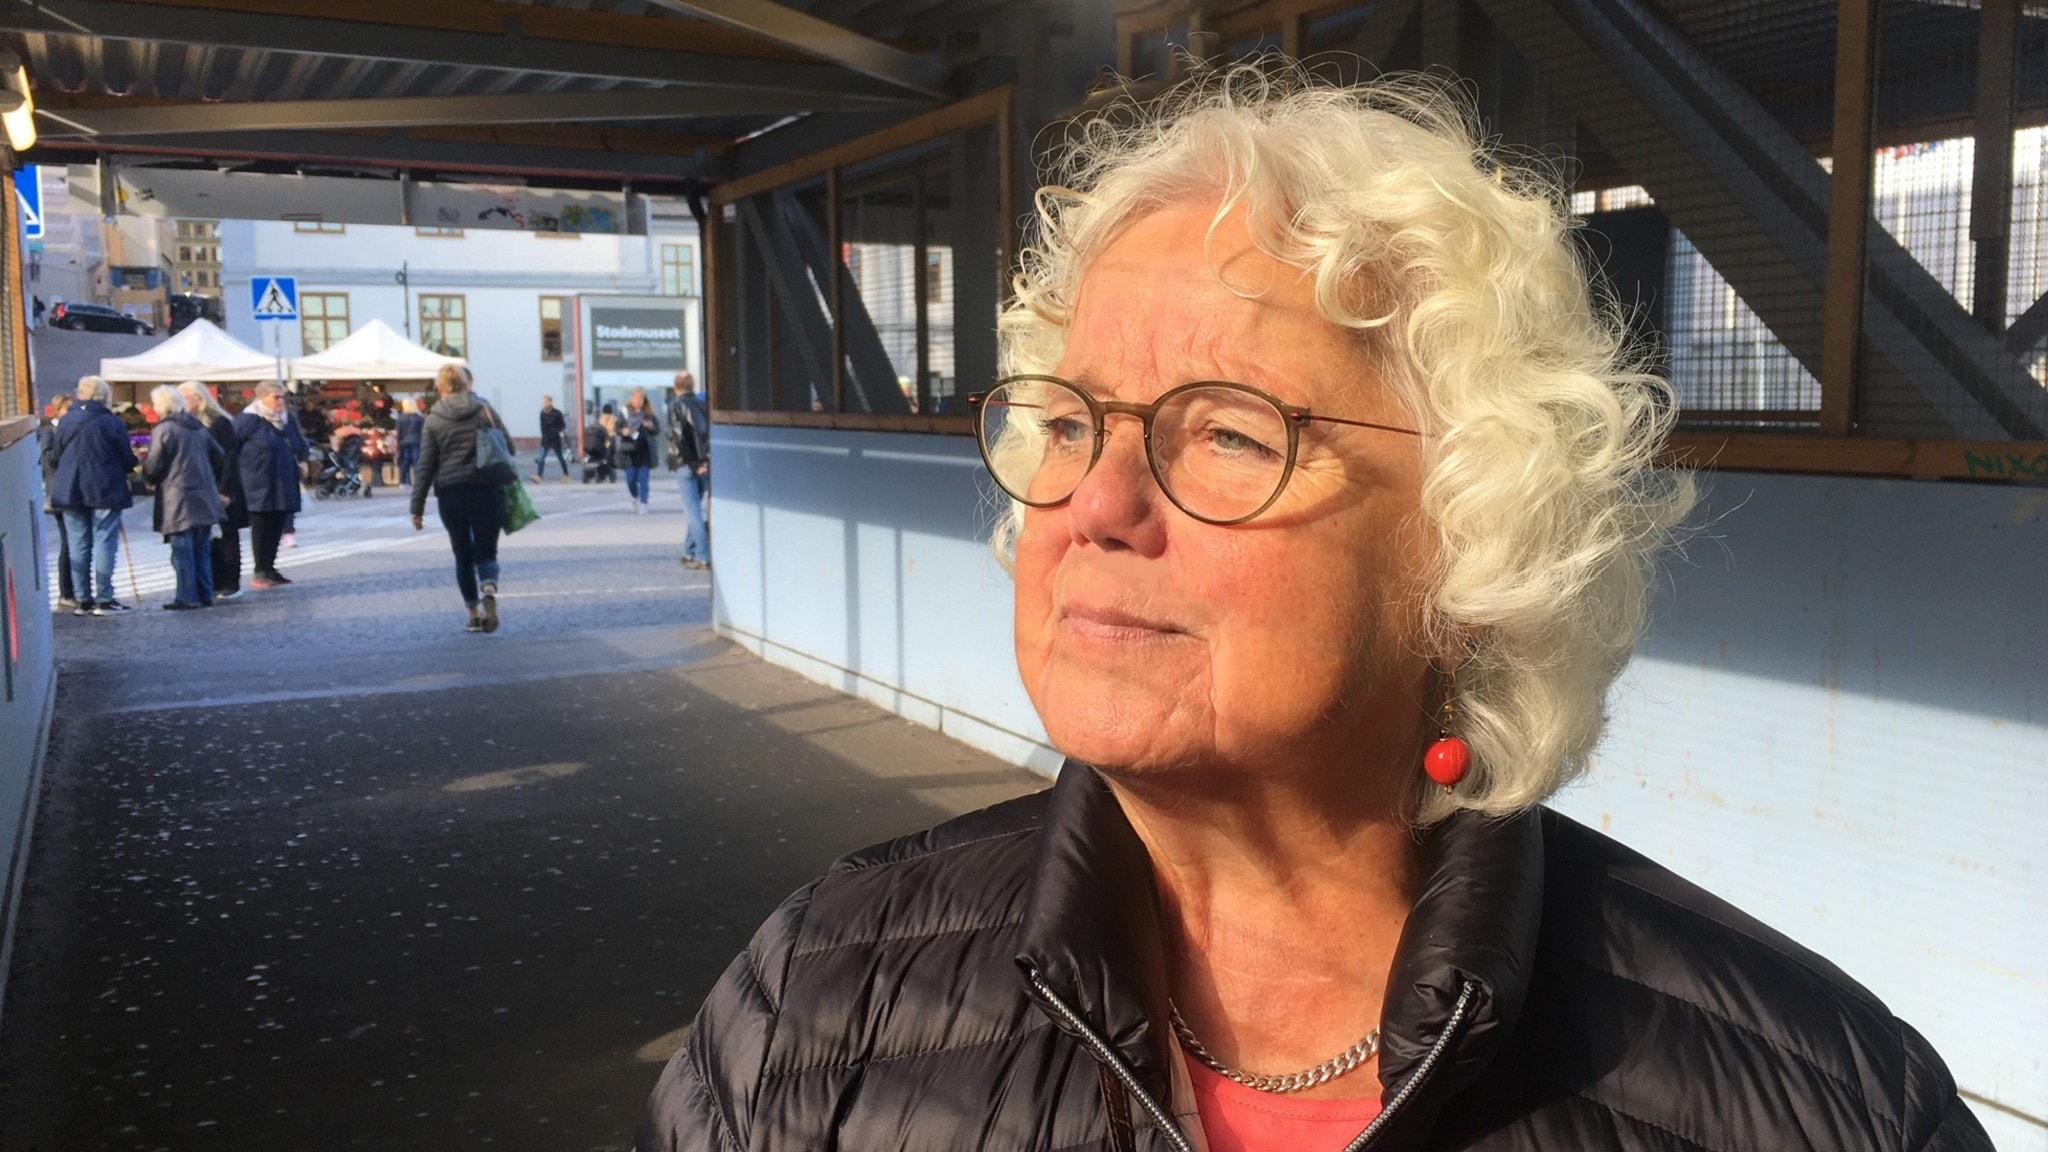 Ensamheten efter 70:Pensioneringen kom som en chock